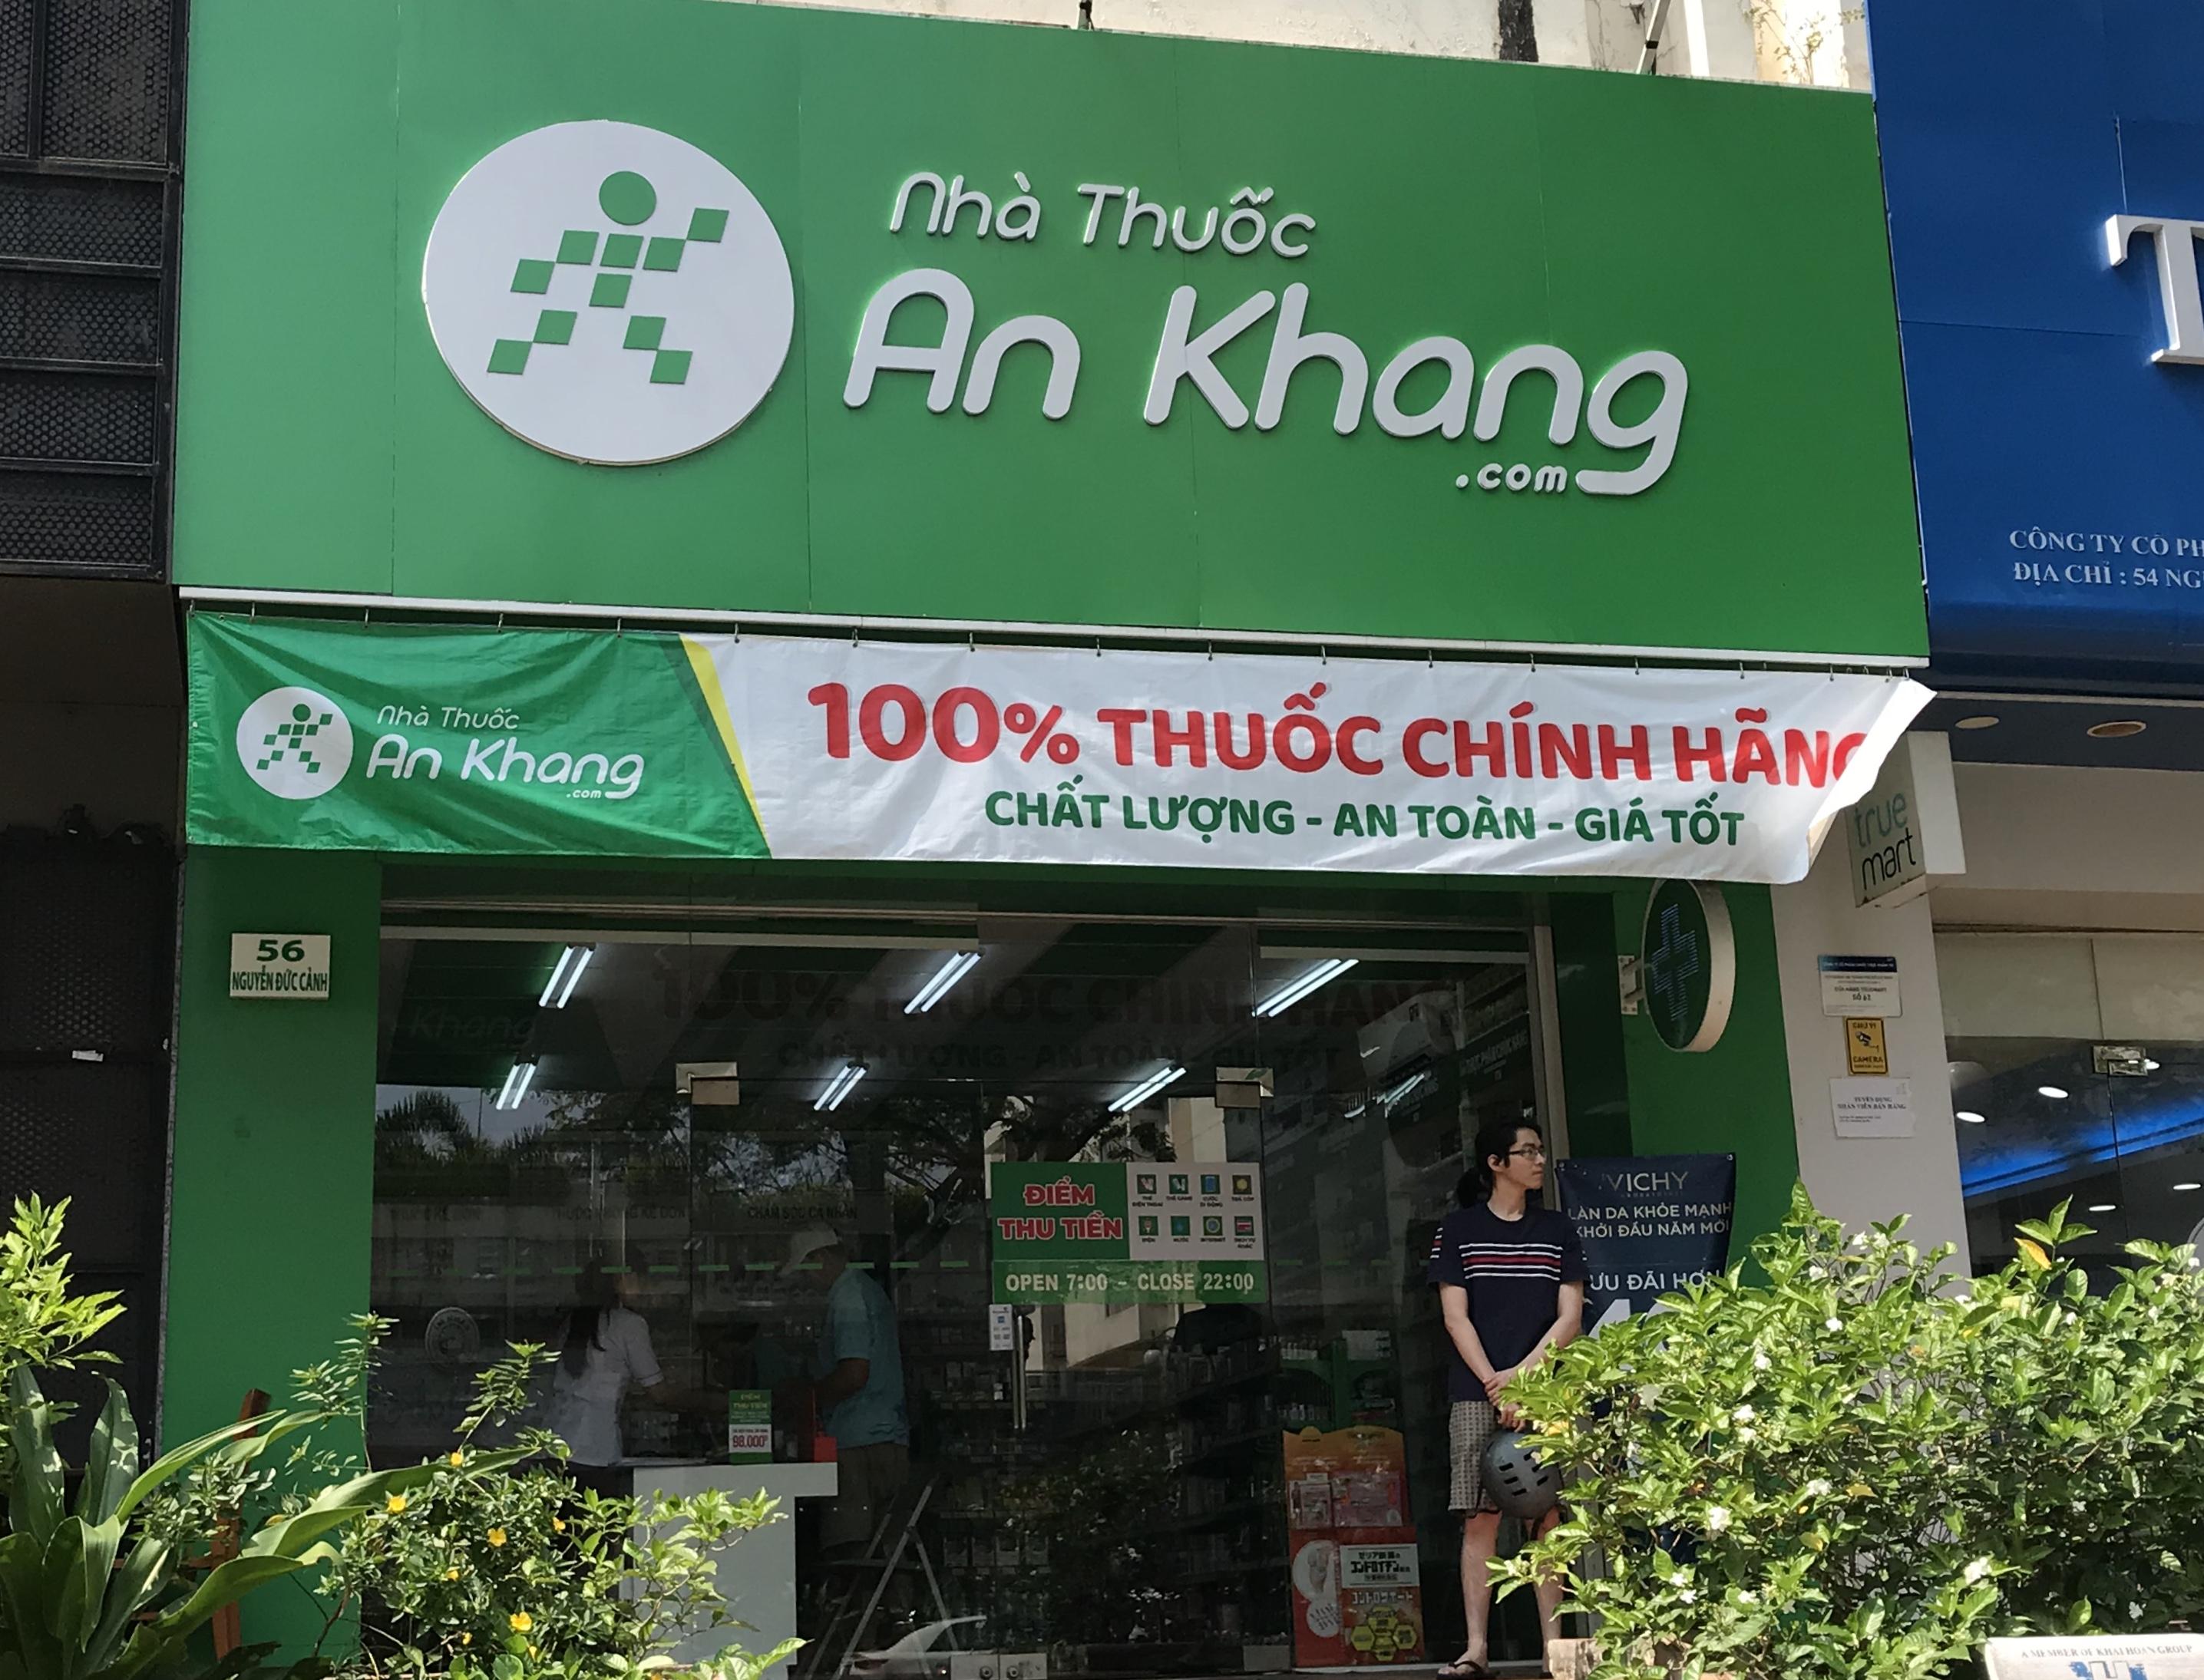 Chuỗi nhà thuốc An Khang lỗ thêm tiền tỉ, Thế Giới Di Động nói đã M&A thì không phải để bán - Ảnh 1.